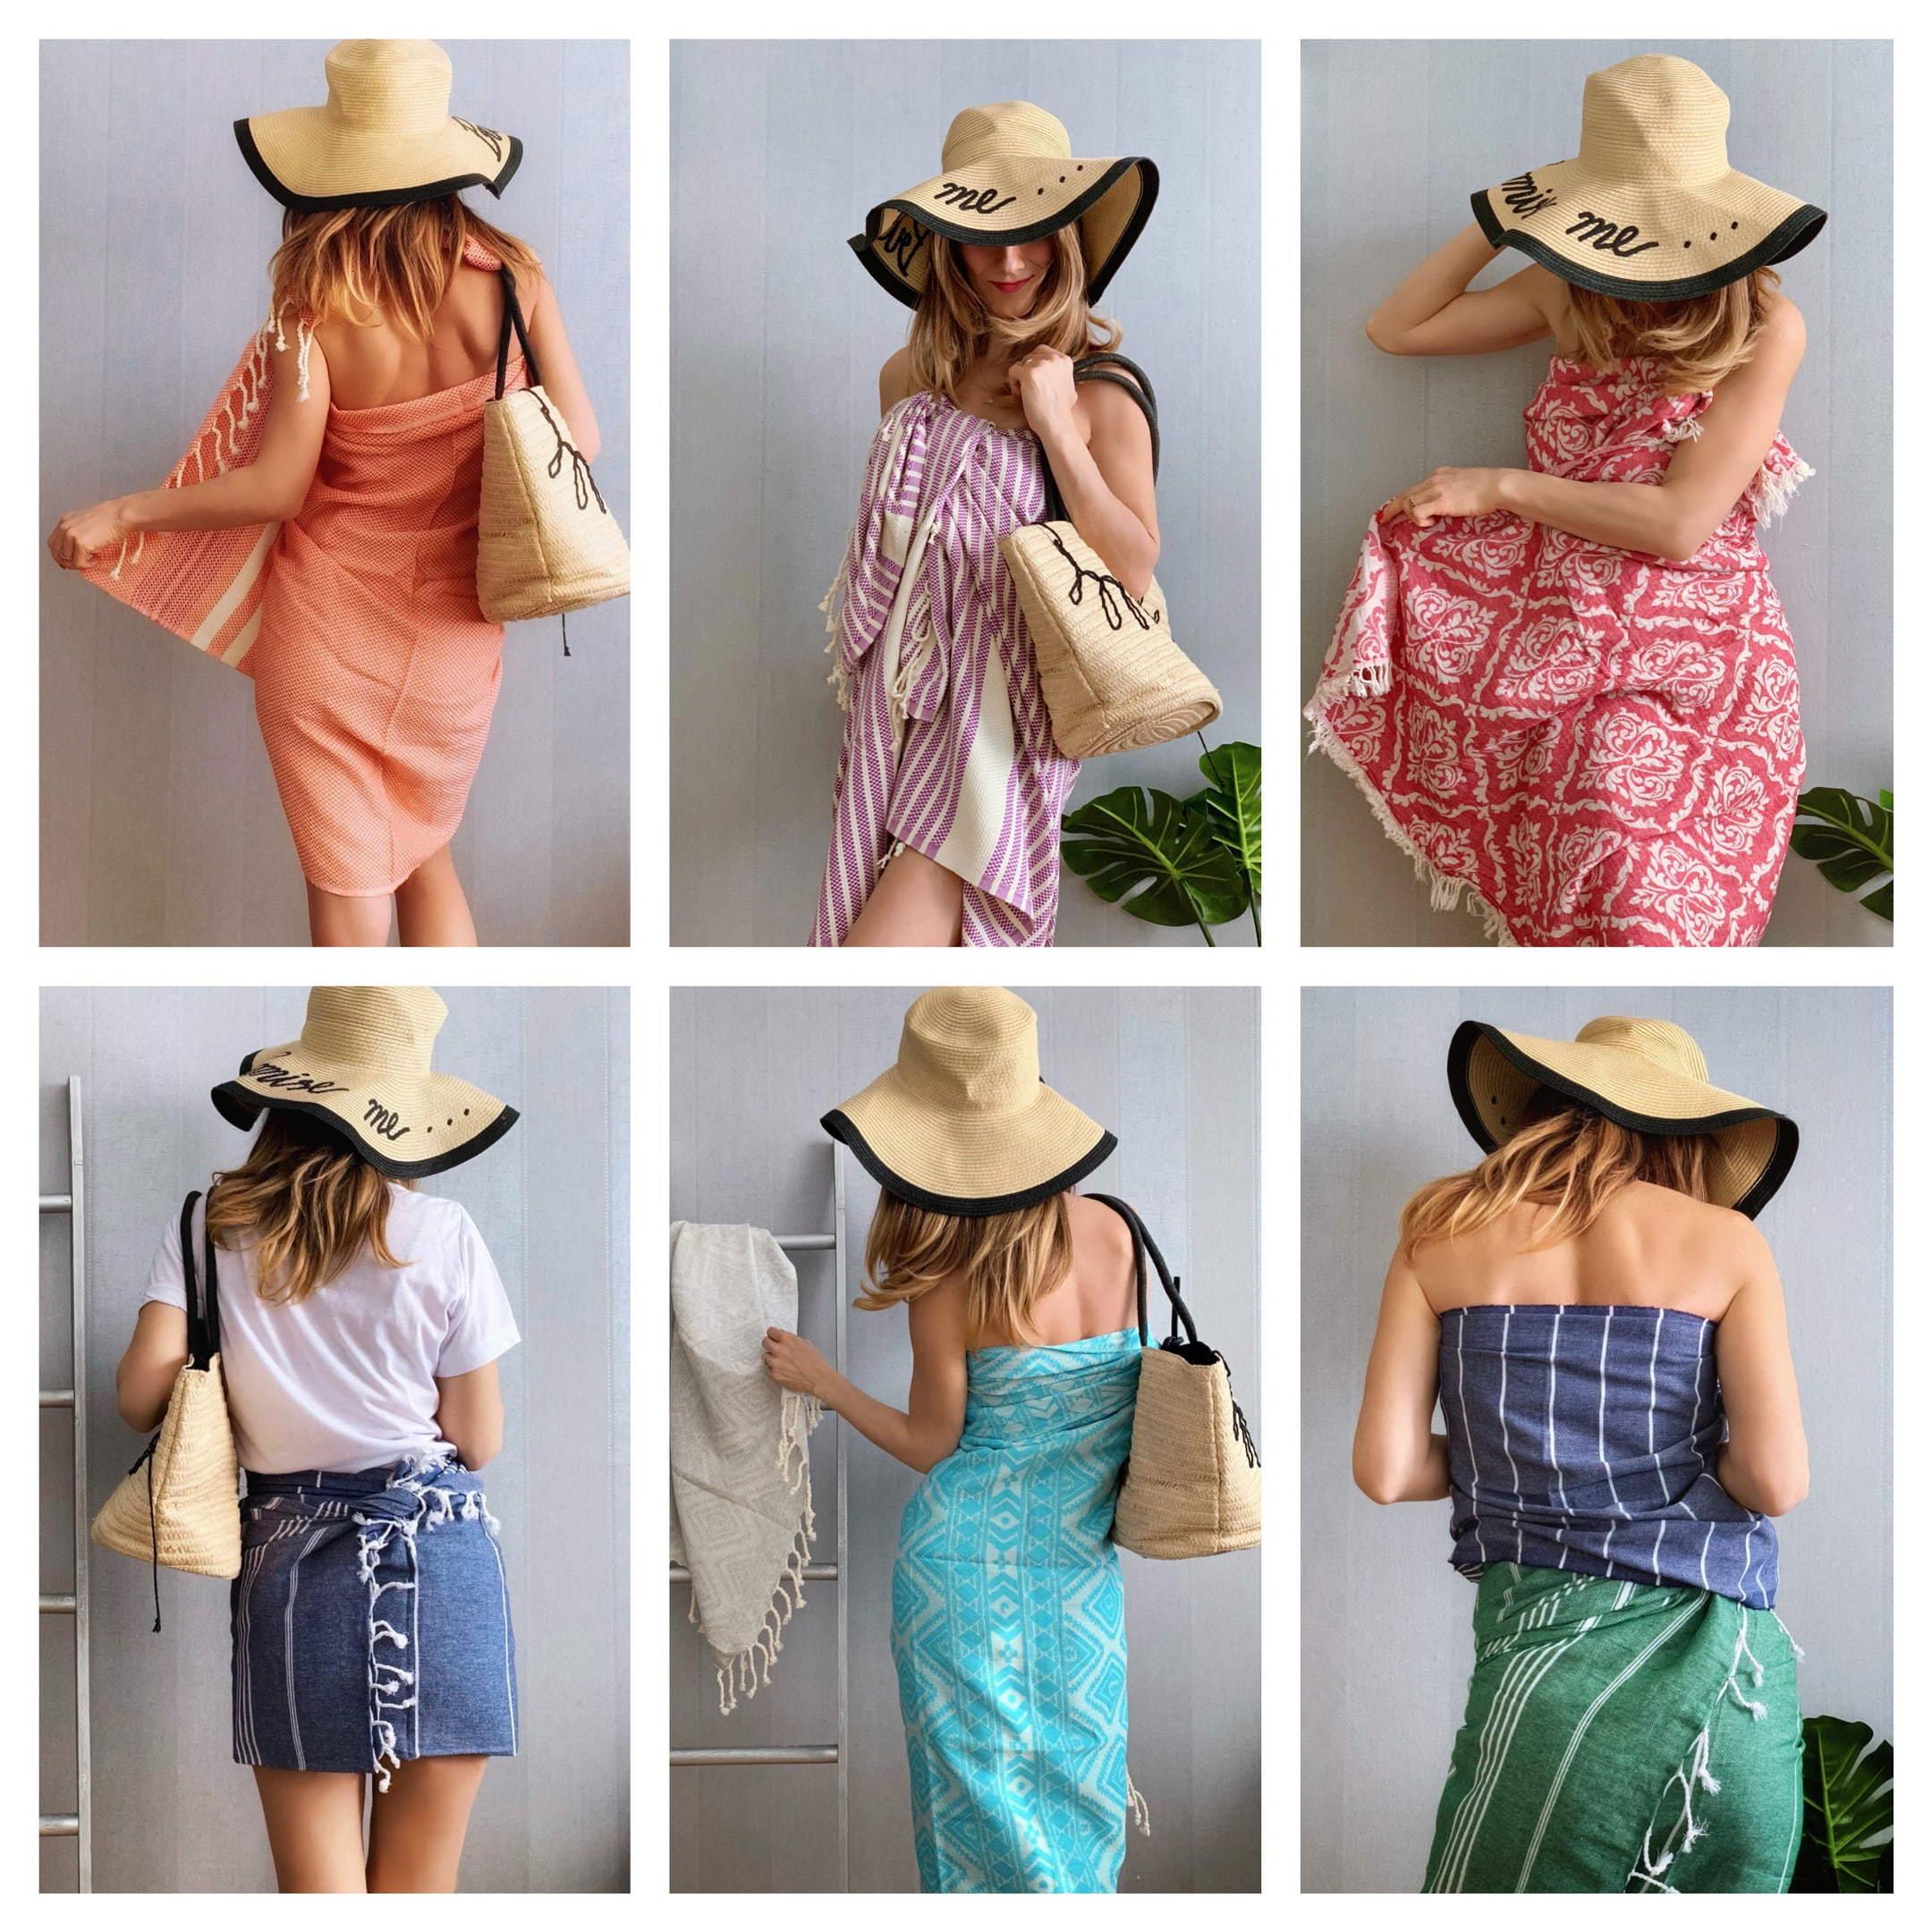 Tee upea mekko hamam-pyyhkeestä! Tänä Kesänä Ole Rannan Tyylikkäin!